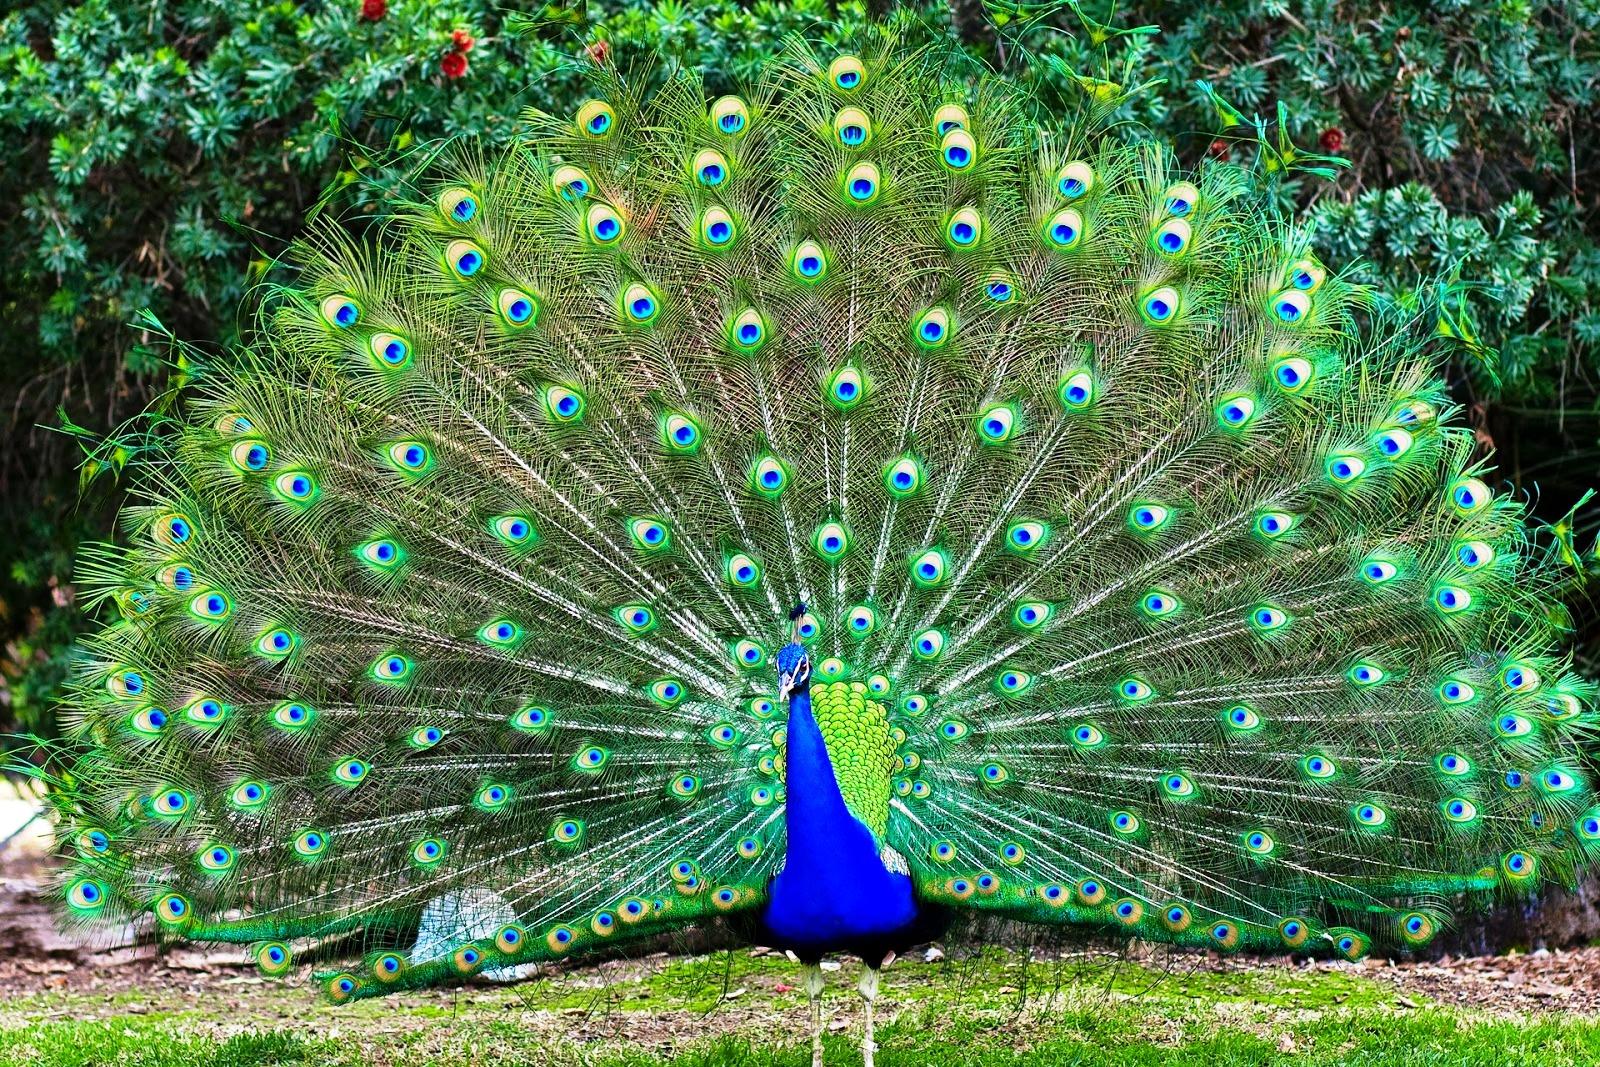 98+ Gambar Burung Merak Dari Biji Bijian Gratis